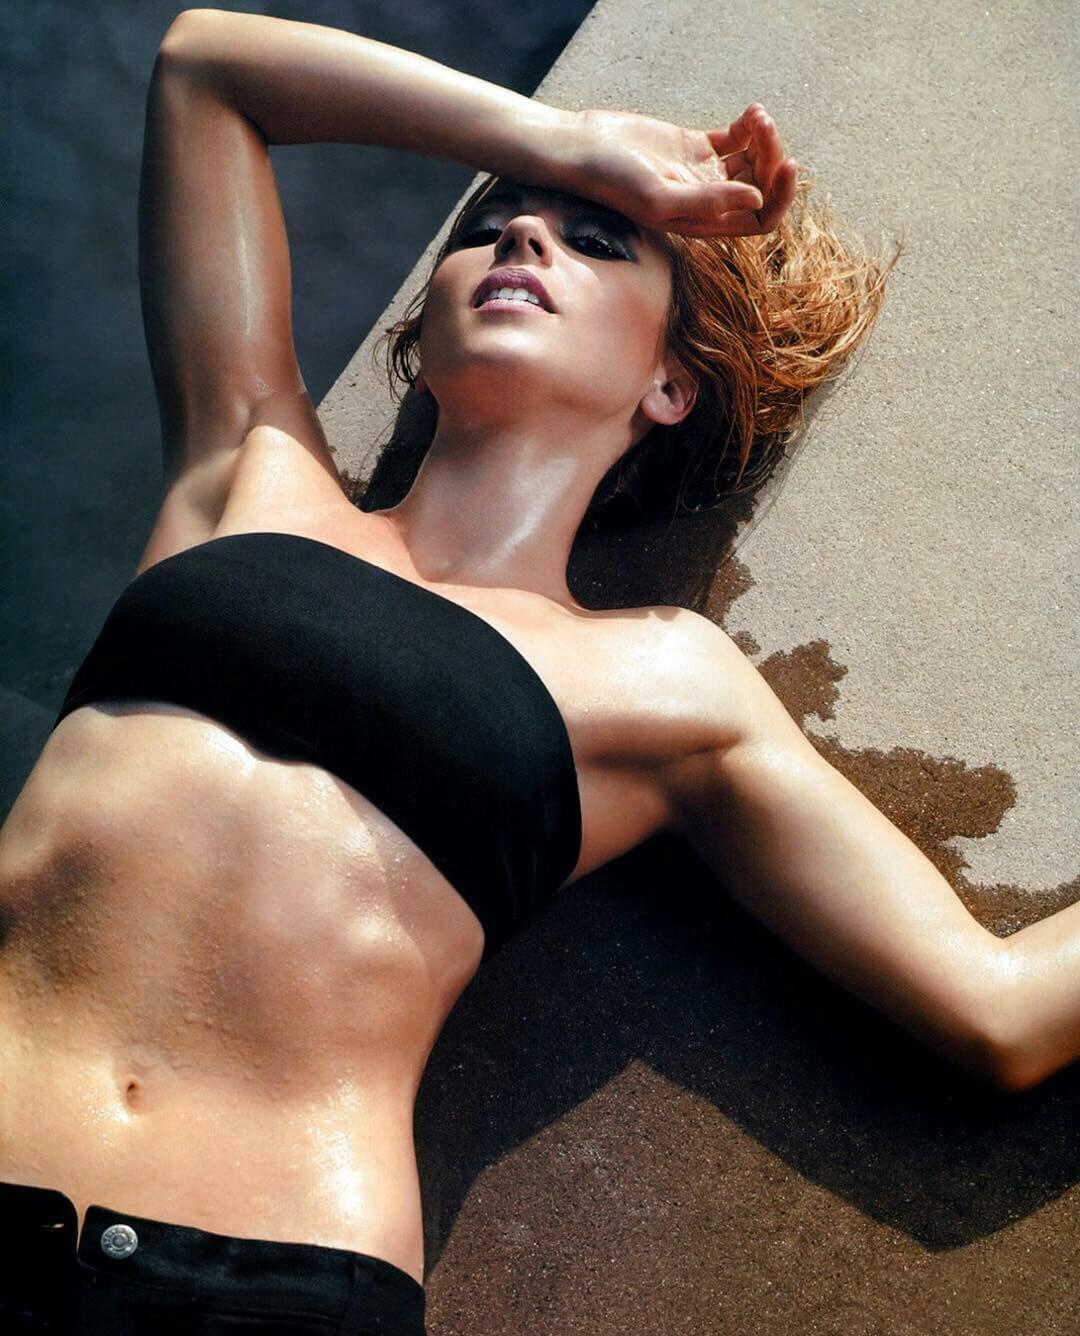 linda cardellini hot bikini pics